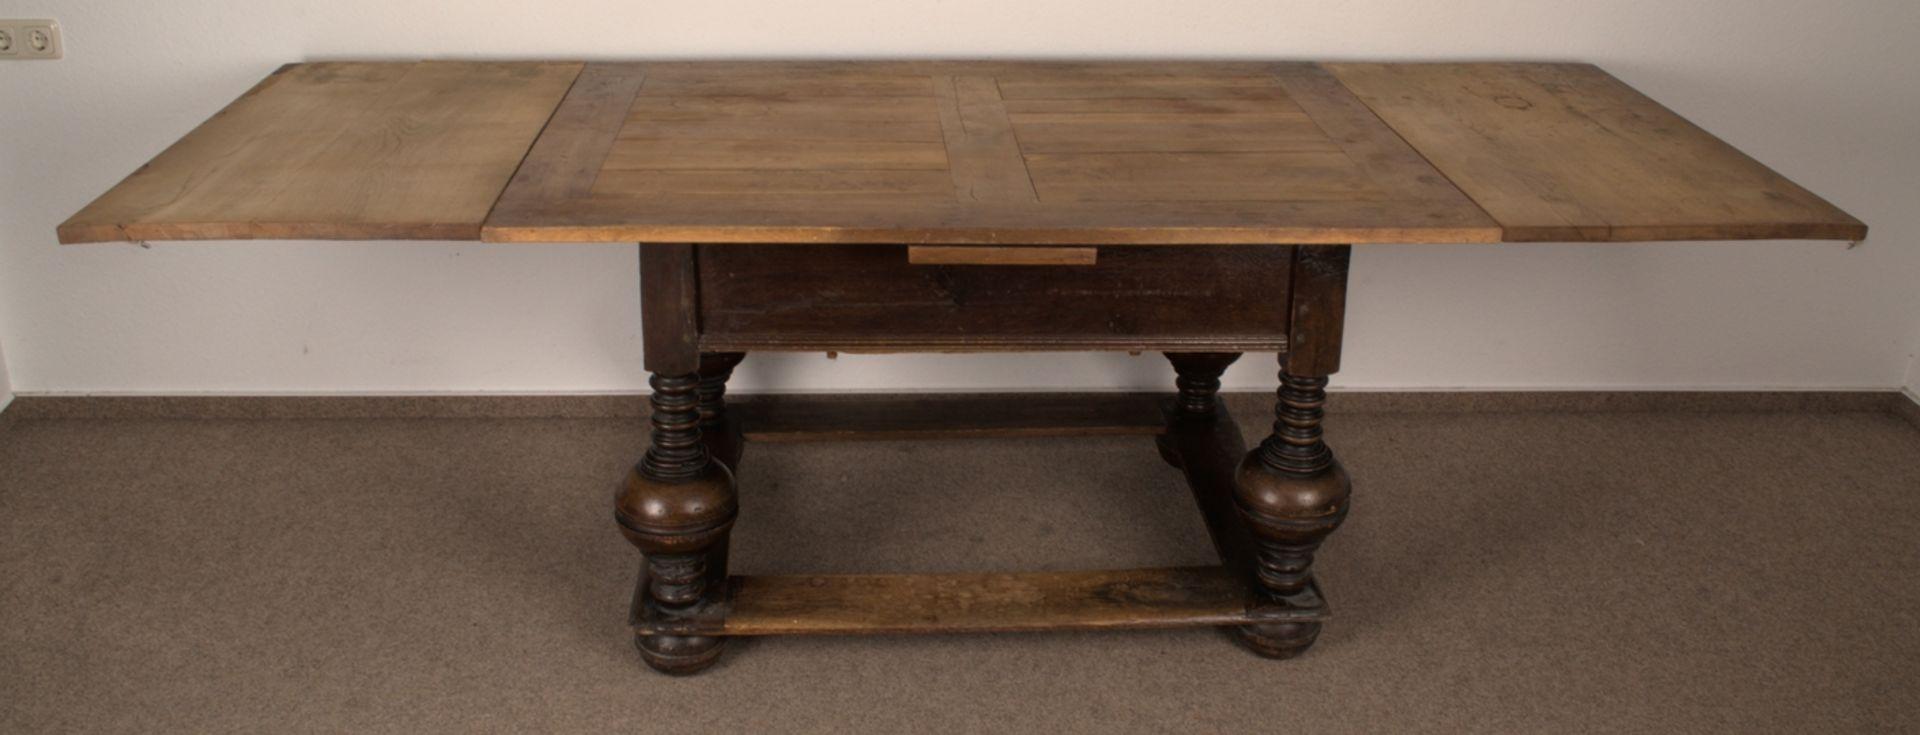 Großer Auszugstisch, Franken um 1730/50. Querverstrebter Tischunterbau mit kräftigen Balusterbeinen, - Bild 2 aus 36